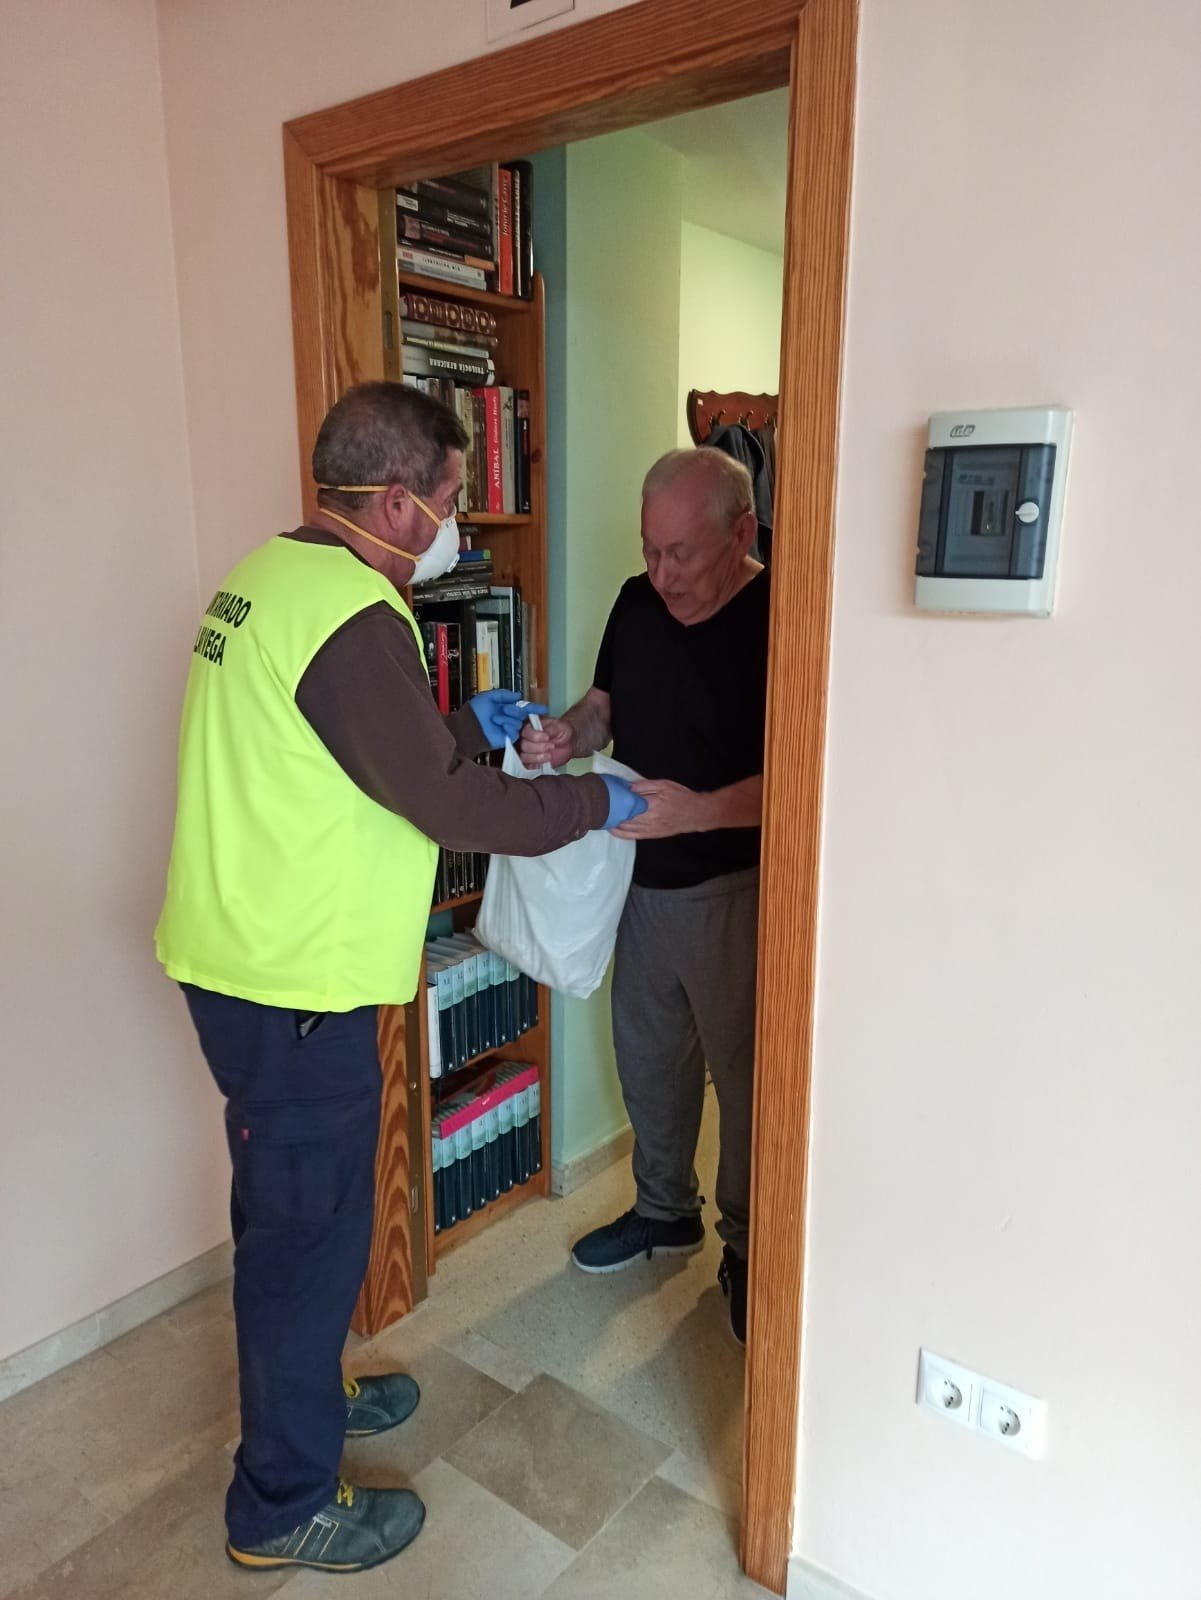 Funcionarios de Cúllar Vega realizan la compra a domicilio de las personas mayores